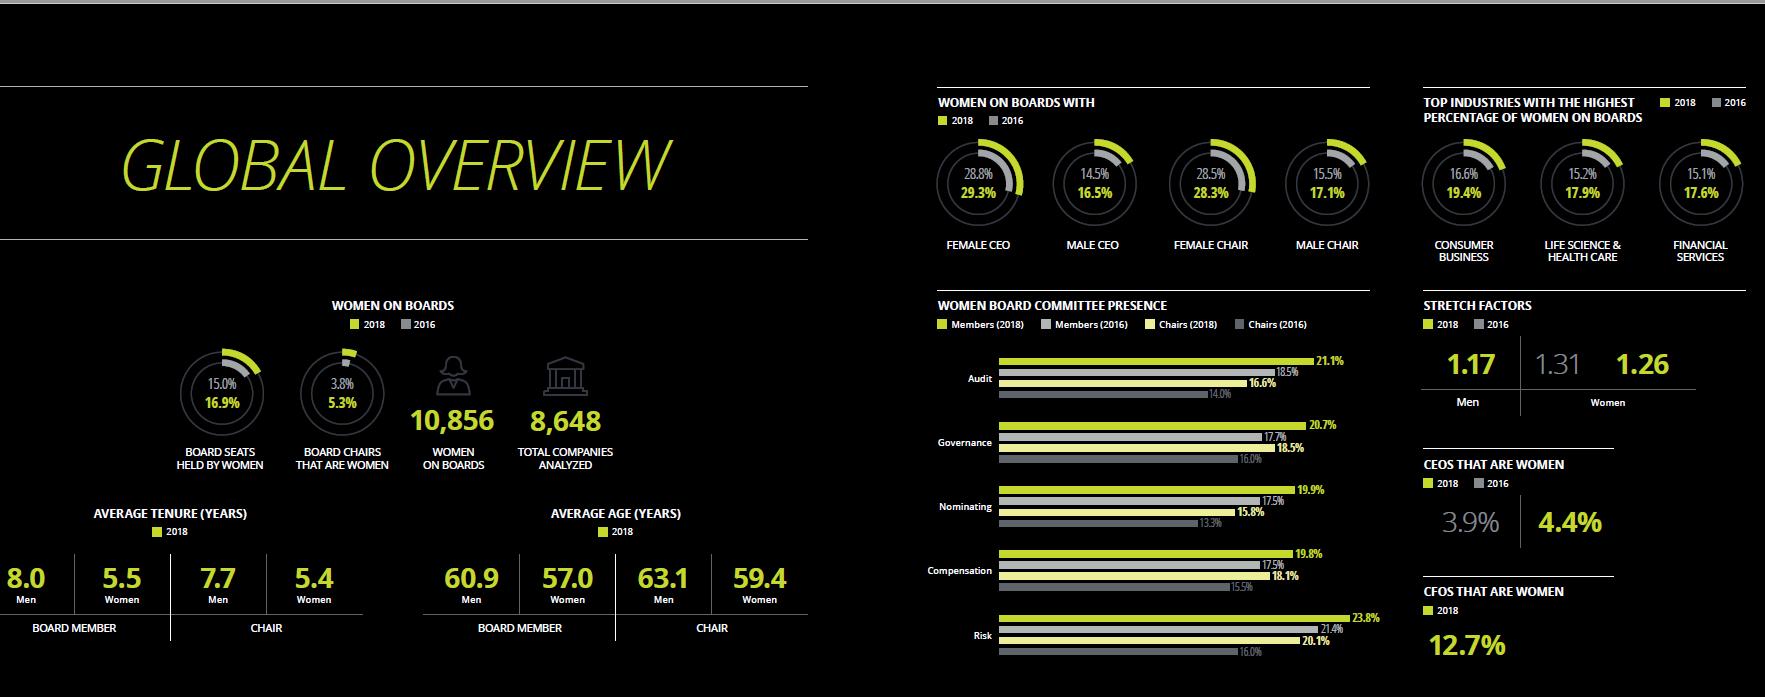 Przegląd Światowy (Źródło: Raportu Women in the Boardroom: A Global Perspective)